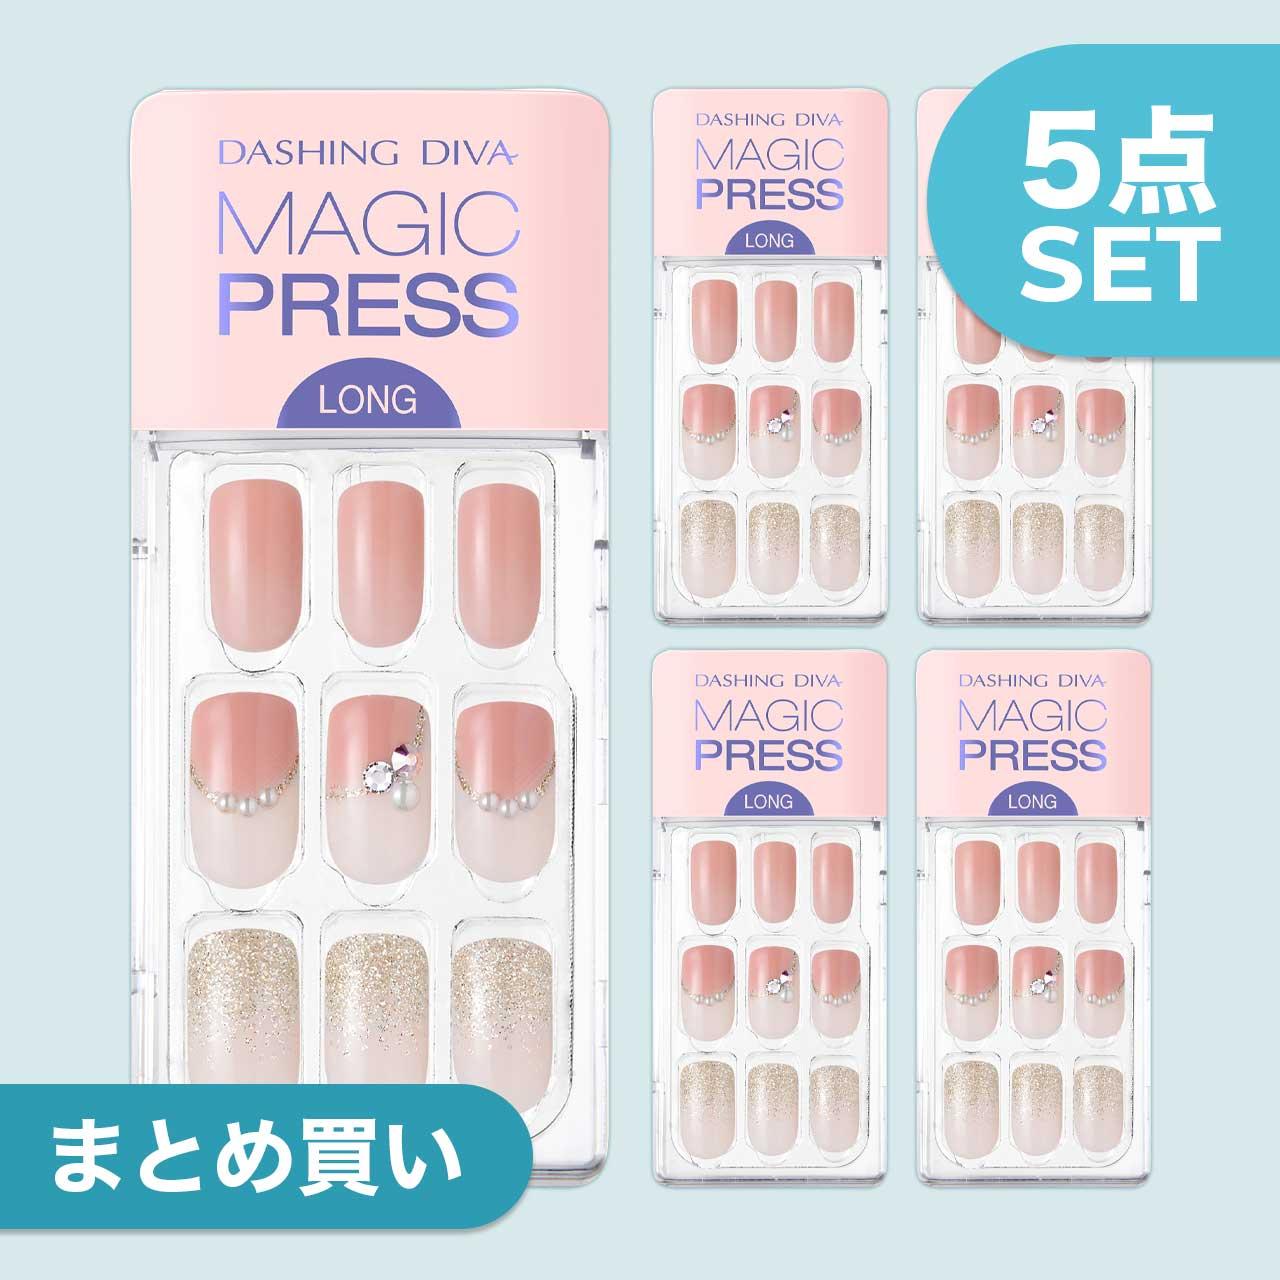 【Soft Coral】ダッシングディバマジックプレス【5個セット】